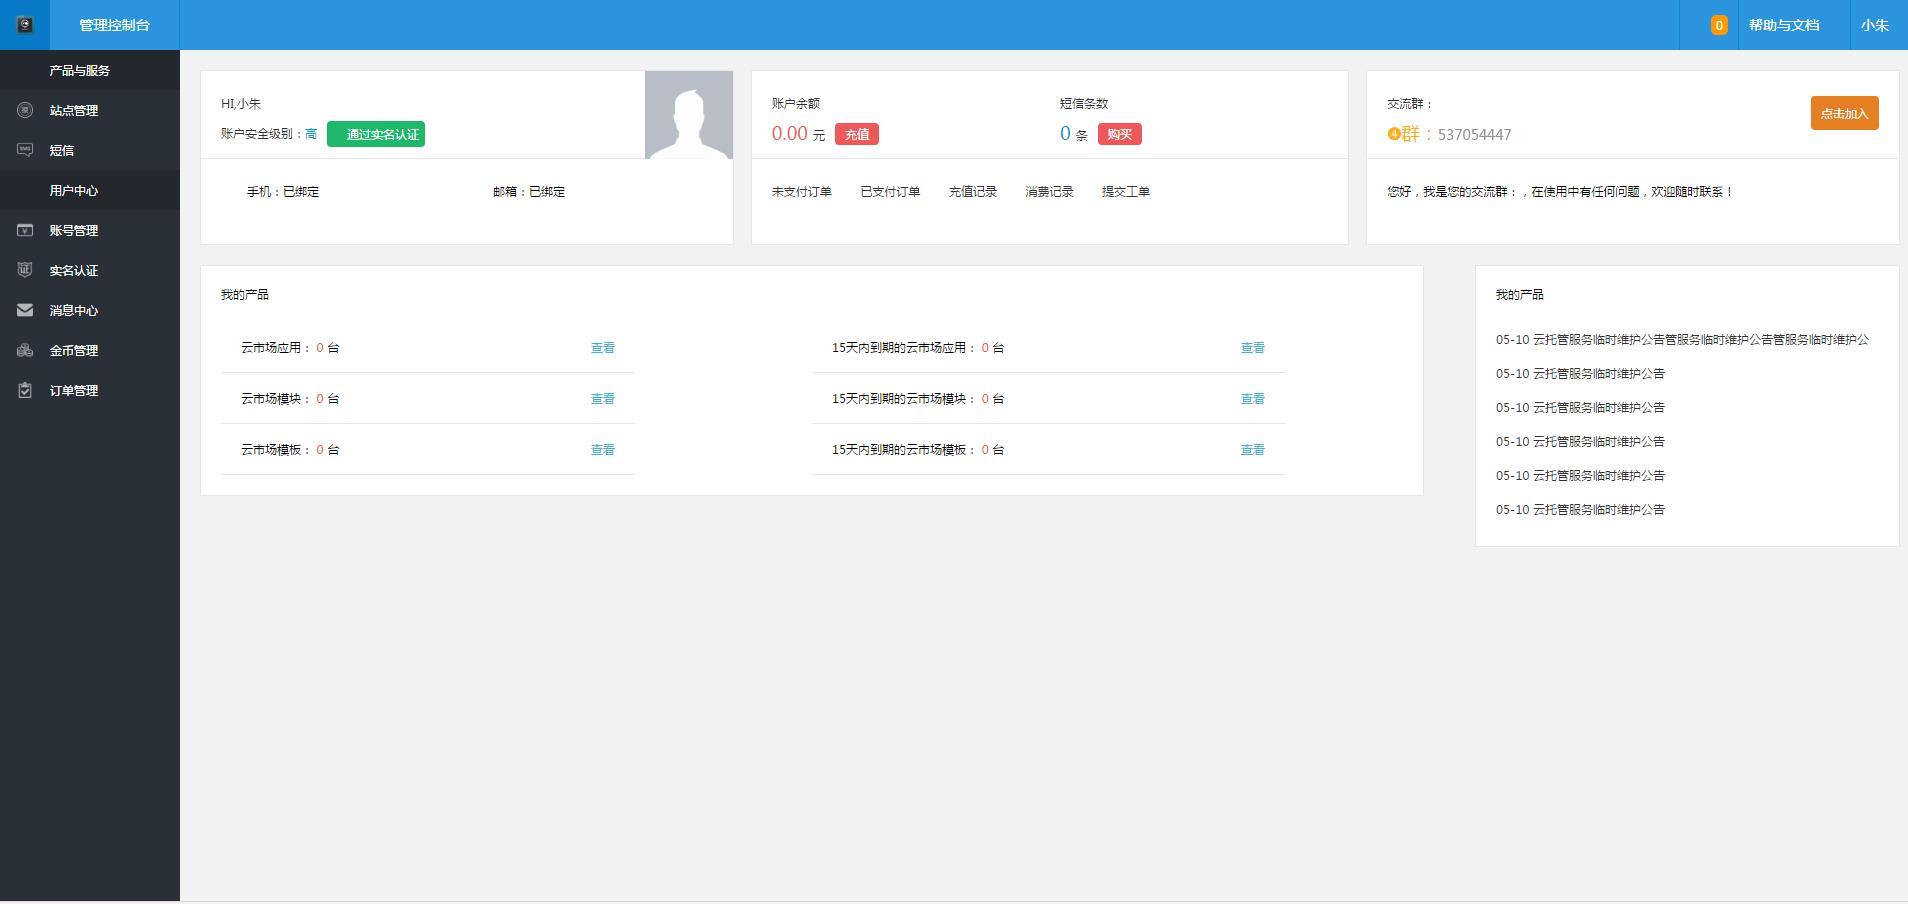 阿里云用户中心后台管理网站模板下载